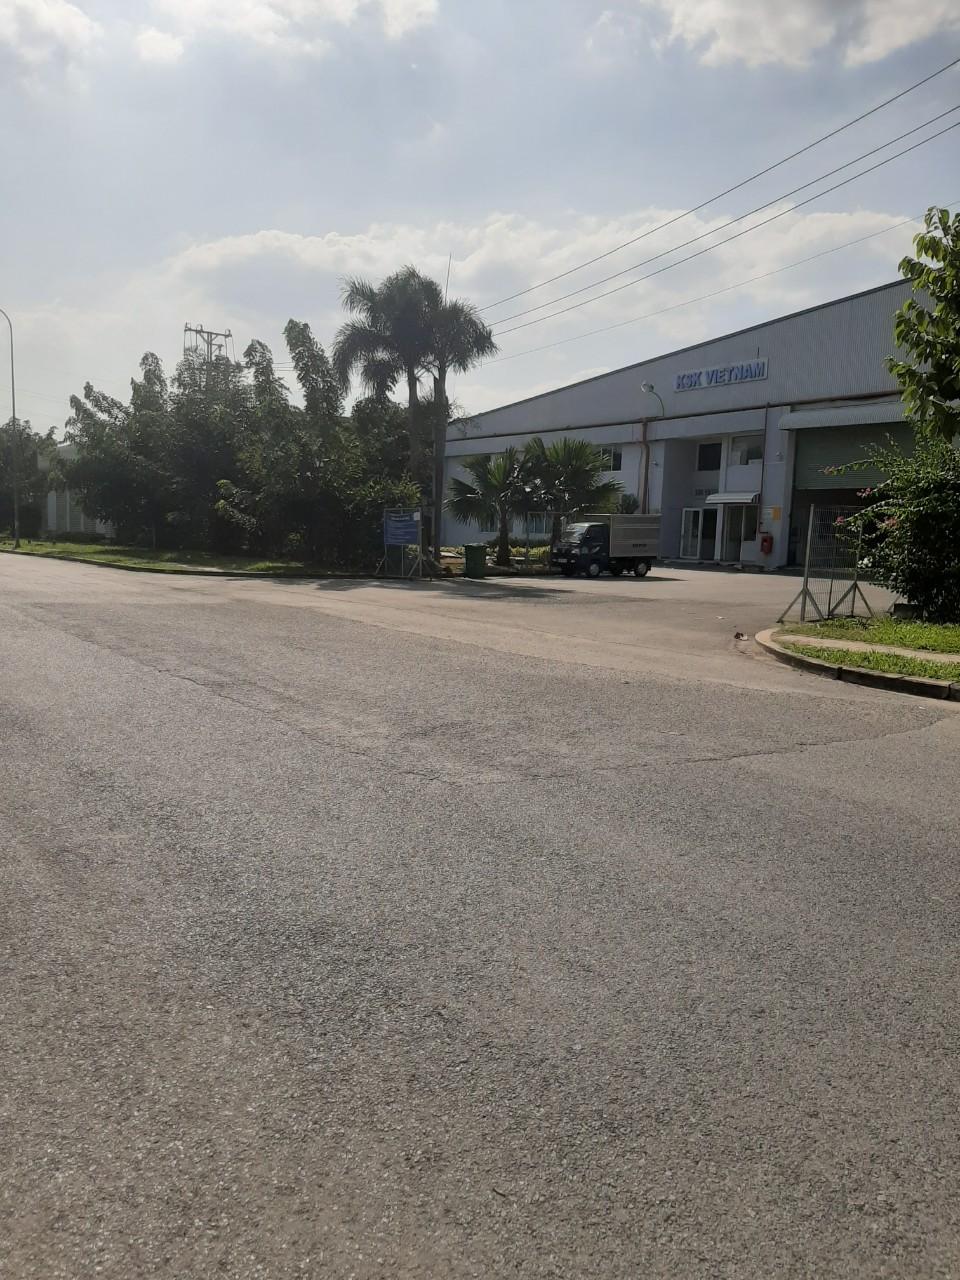 đường sá rộng rãi cho việc vận chuyển.